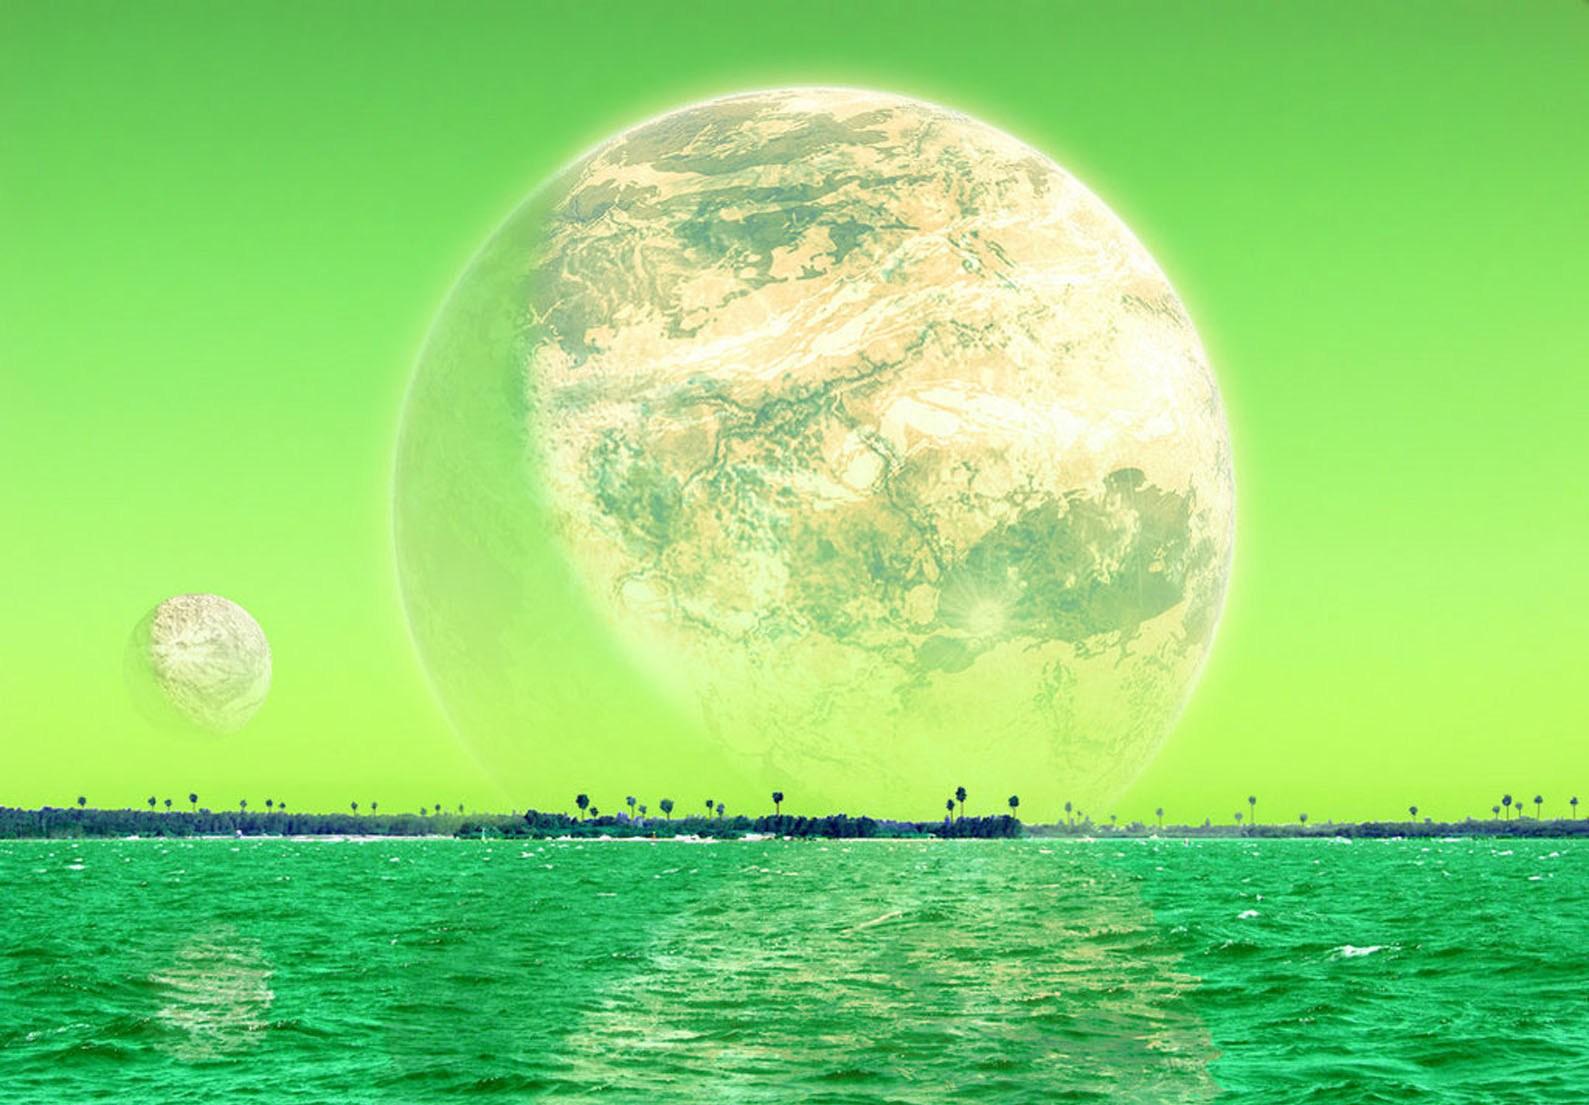 dragon ball fan225ticos piden a la nasa que exista planeta